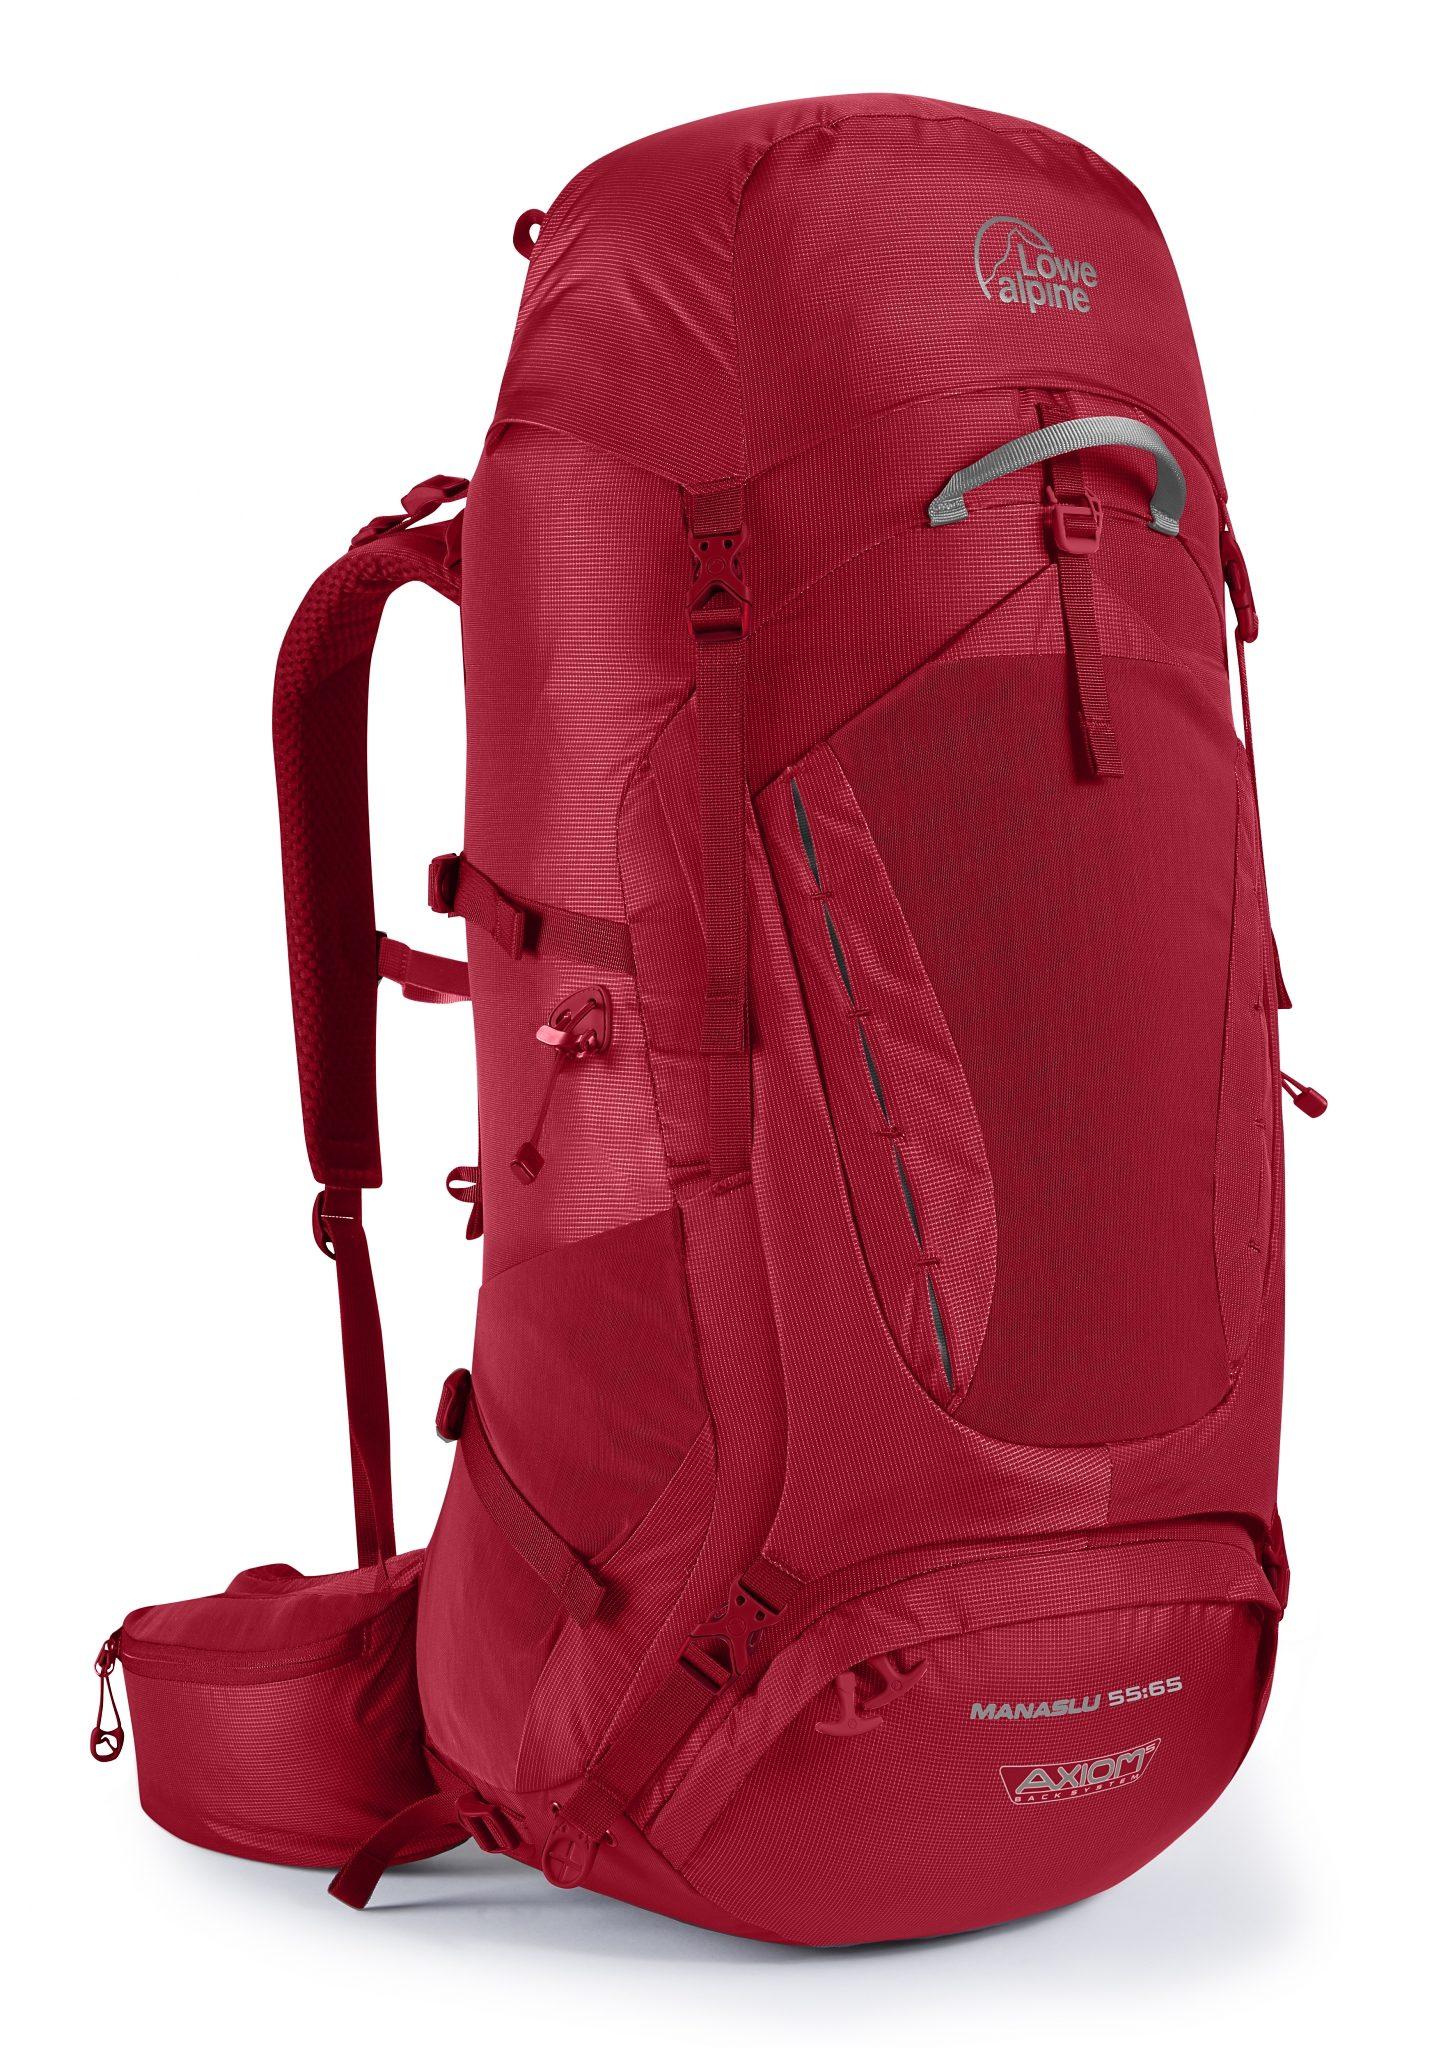 Lowe Alpine Wanderrucksack »Manaslu 55:65 Backpack Men«